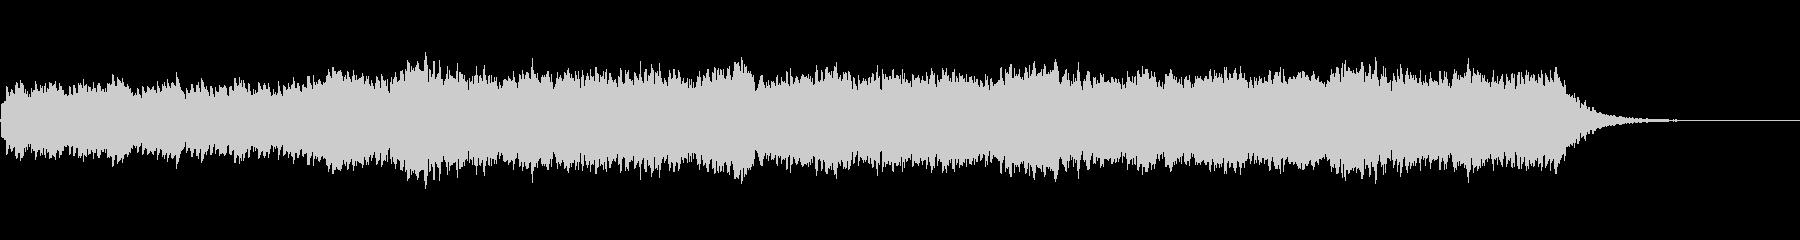 幻想的なピアノ BGM  感動の場面にの未再生の波形